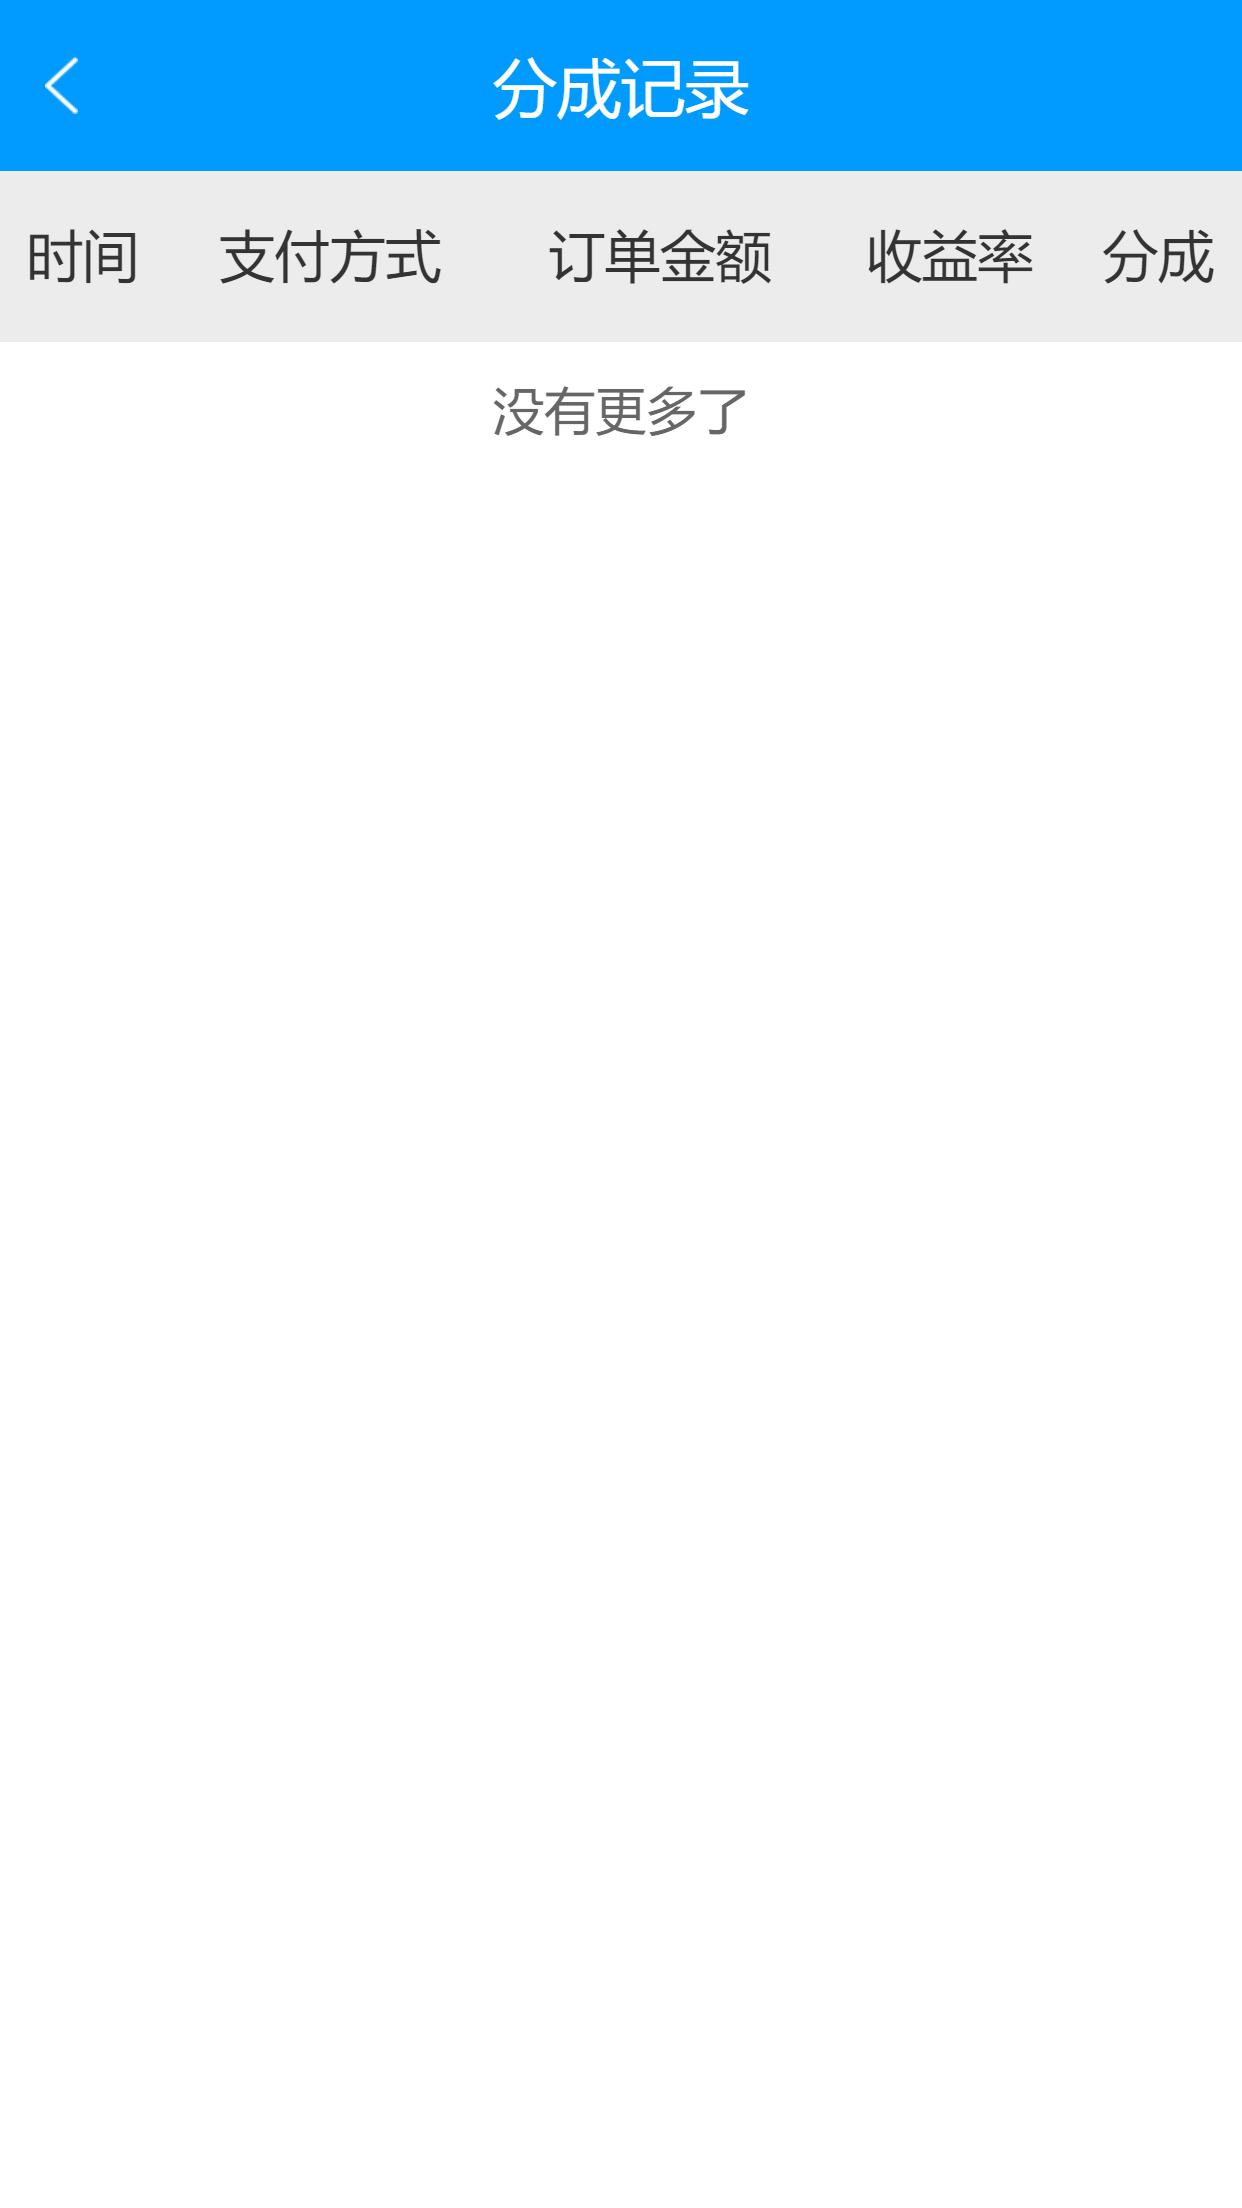 【全新免签支付系统/自动回调验证模式】免签支付自动回调自创回款模式+集成多号监控自动确认+api三四方支付系统  全新免签支付系统 自动回调验证模式 免签支付自动回调自创回款模式 集成多号监控自动确认 api三四方支付系统 自动回调 APP 第12张